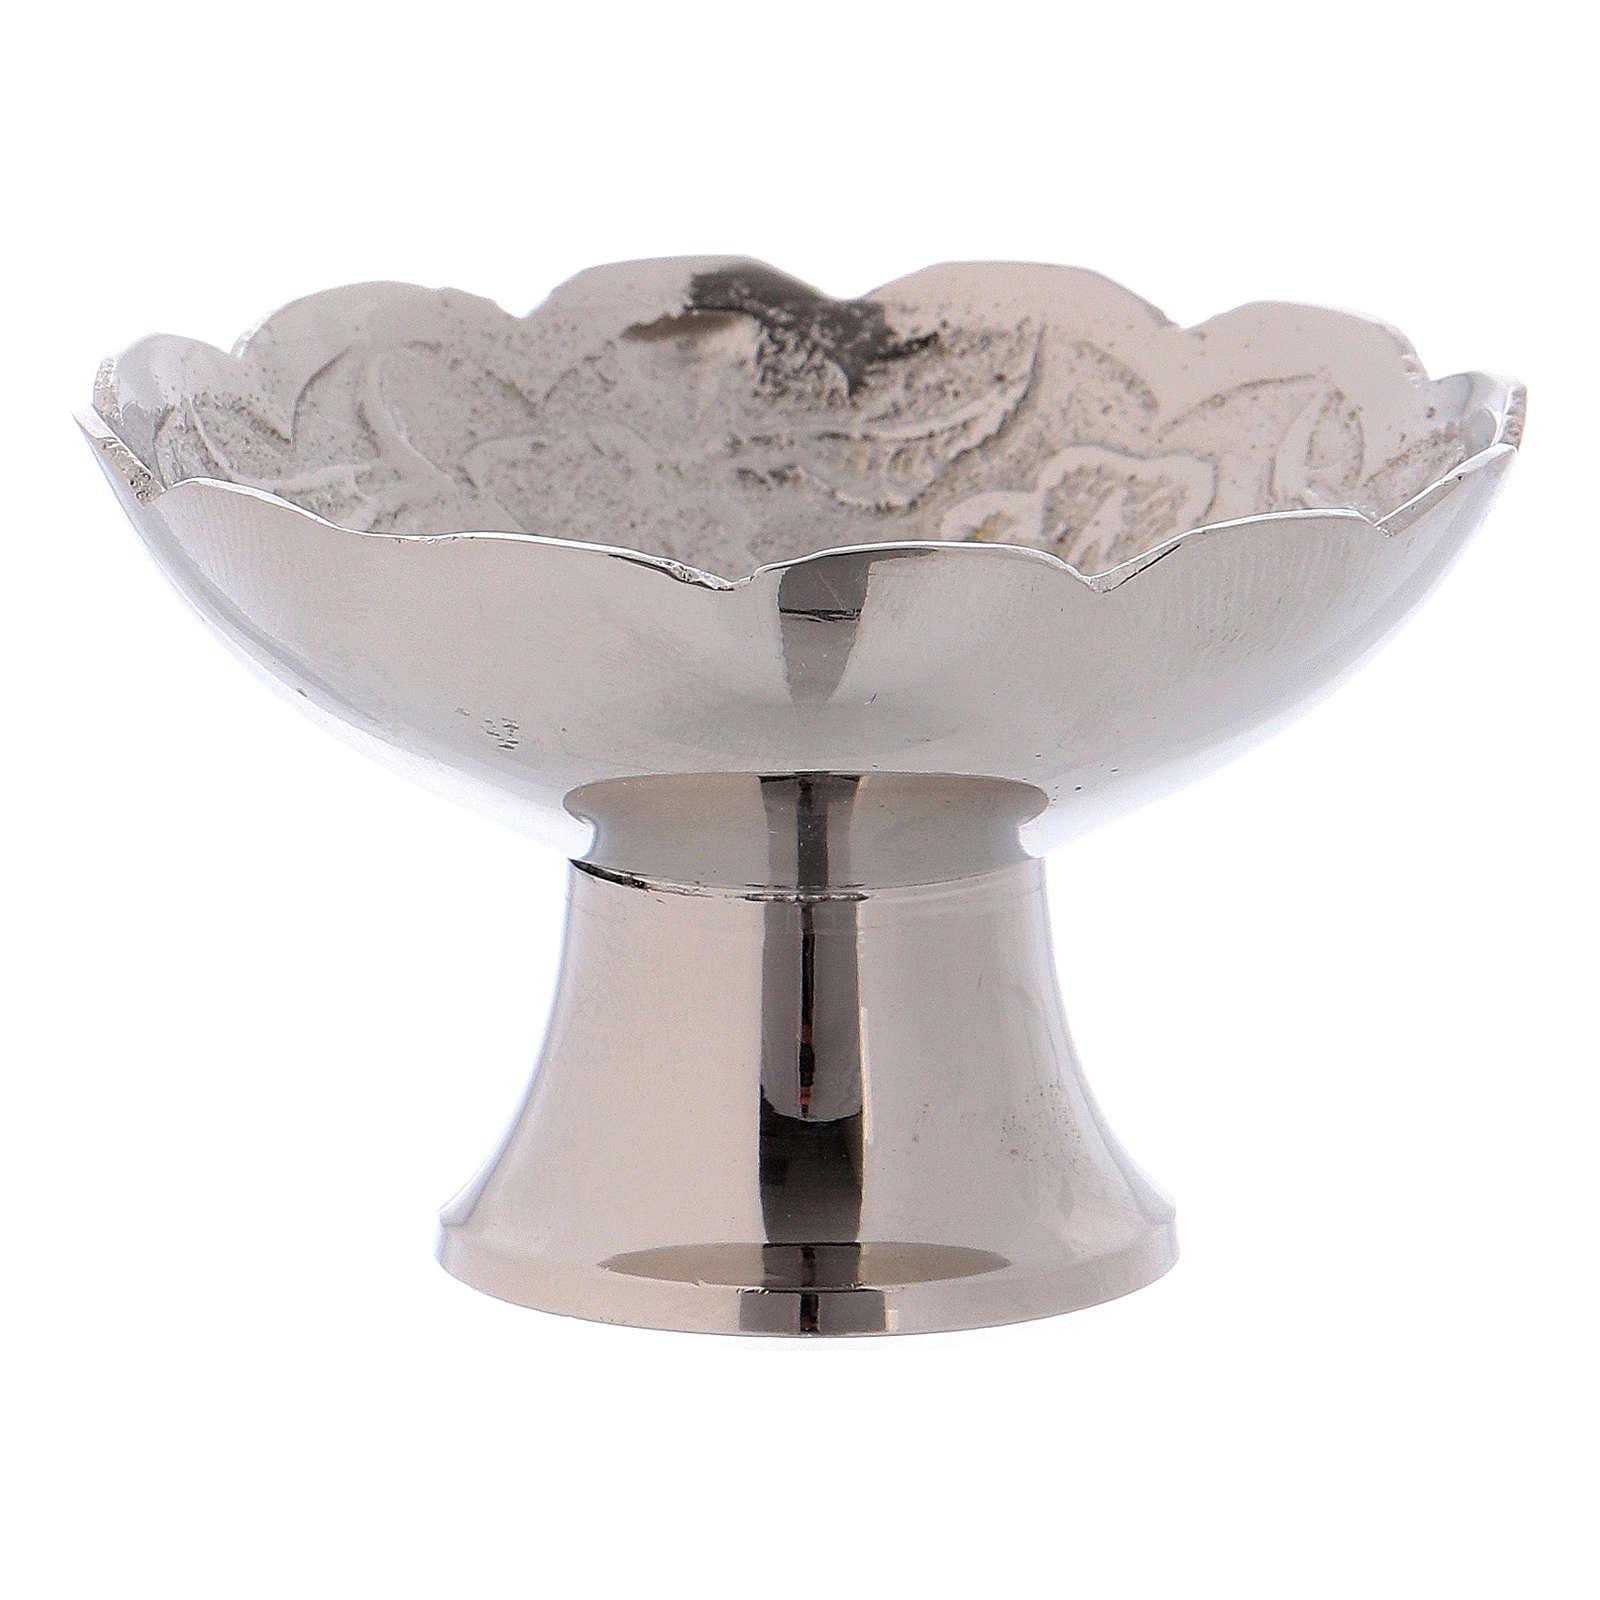 Tigela porta-incenso com base latão diâmetro 5,5 cm 3